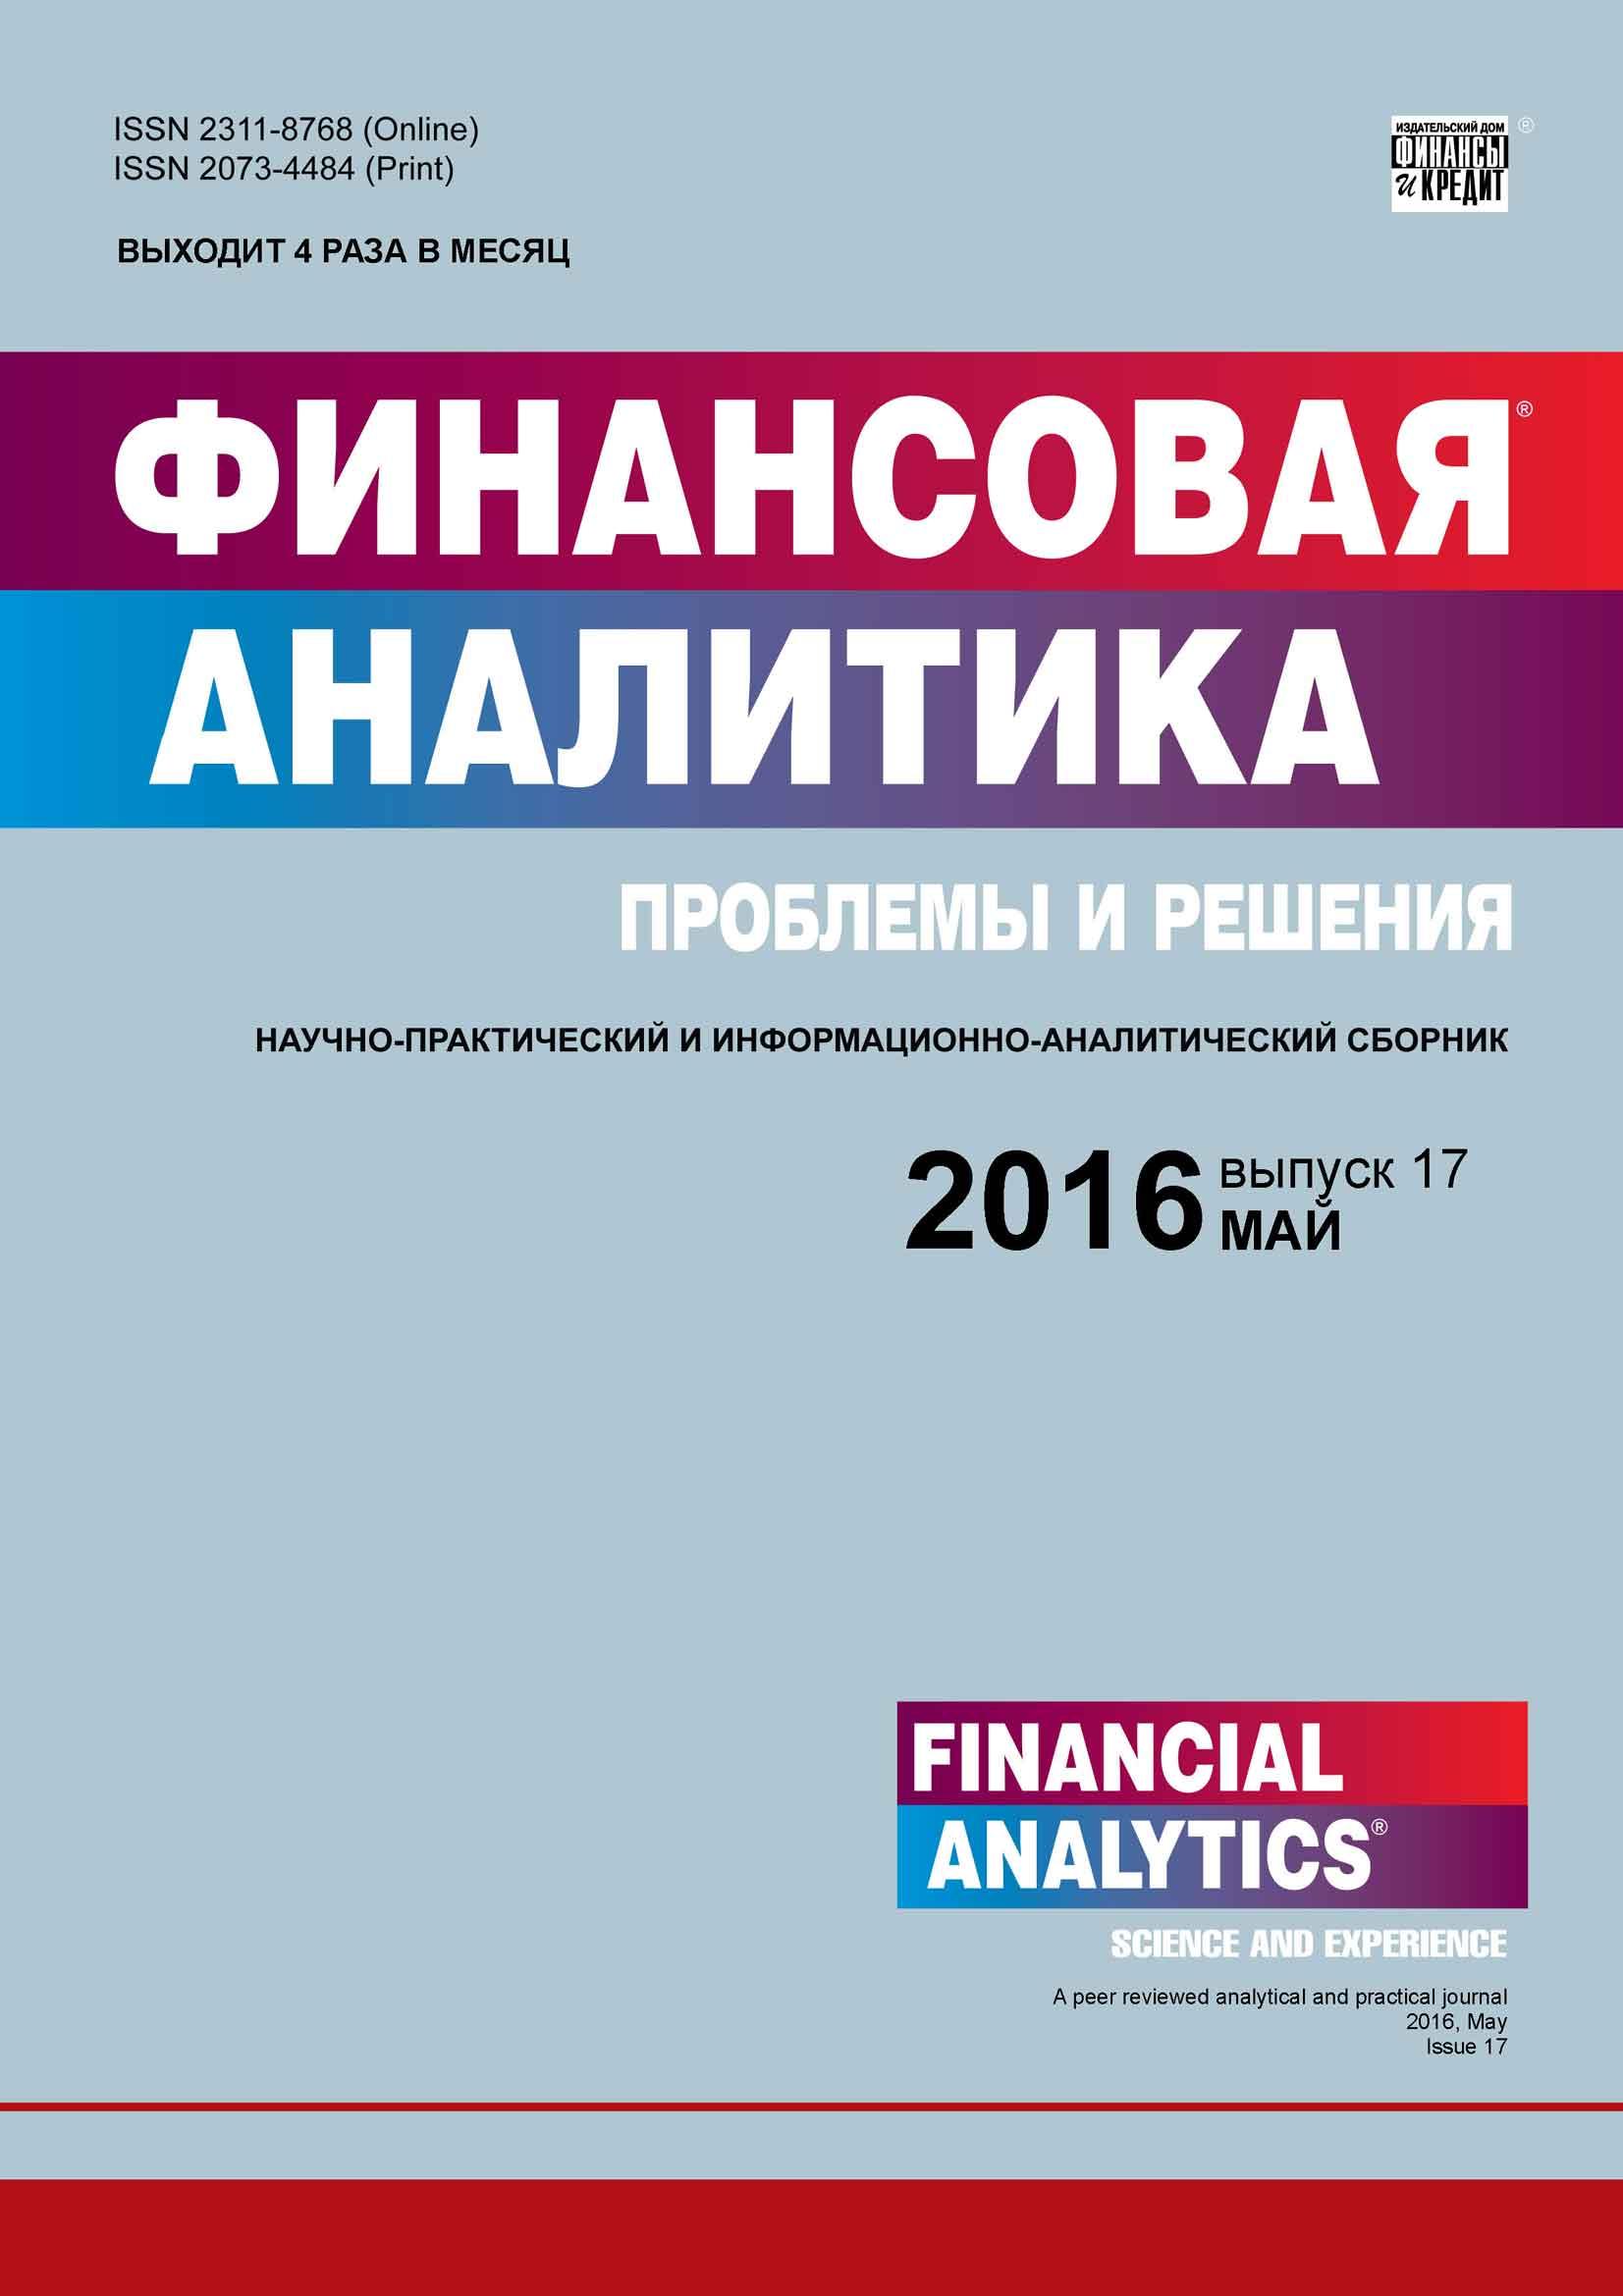 Отсутствует Финансовая аналитика: проблемы и решения № 17 (299) 2016 отсутствует финансовая аналитика проблемы и решения 17 299 2016